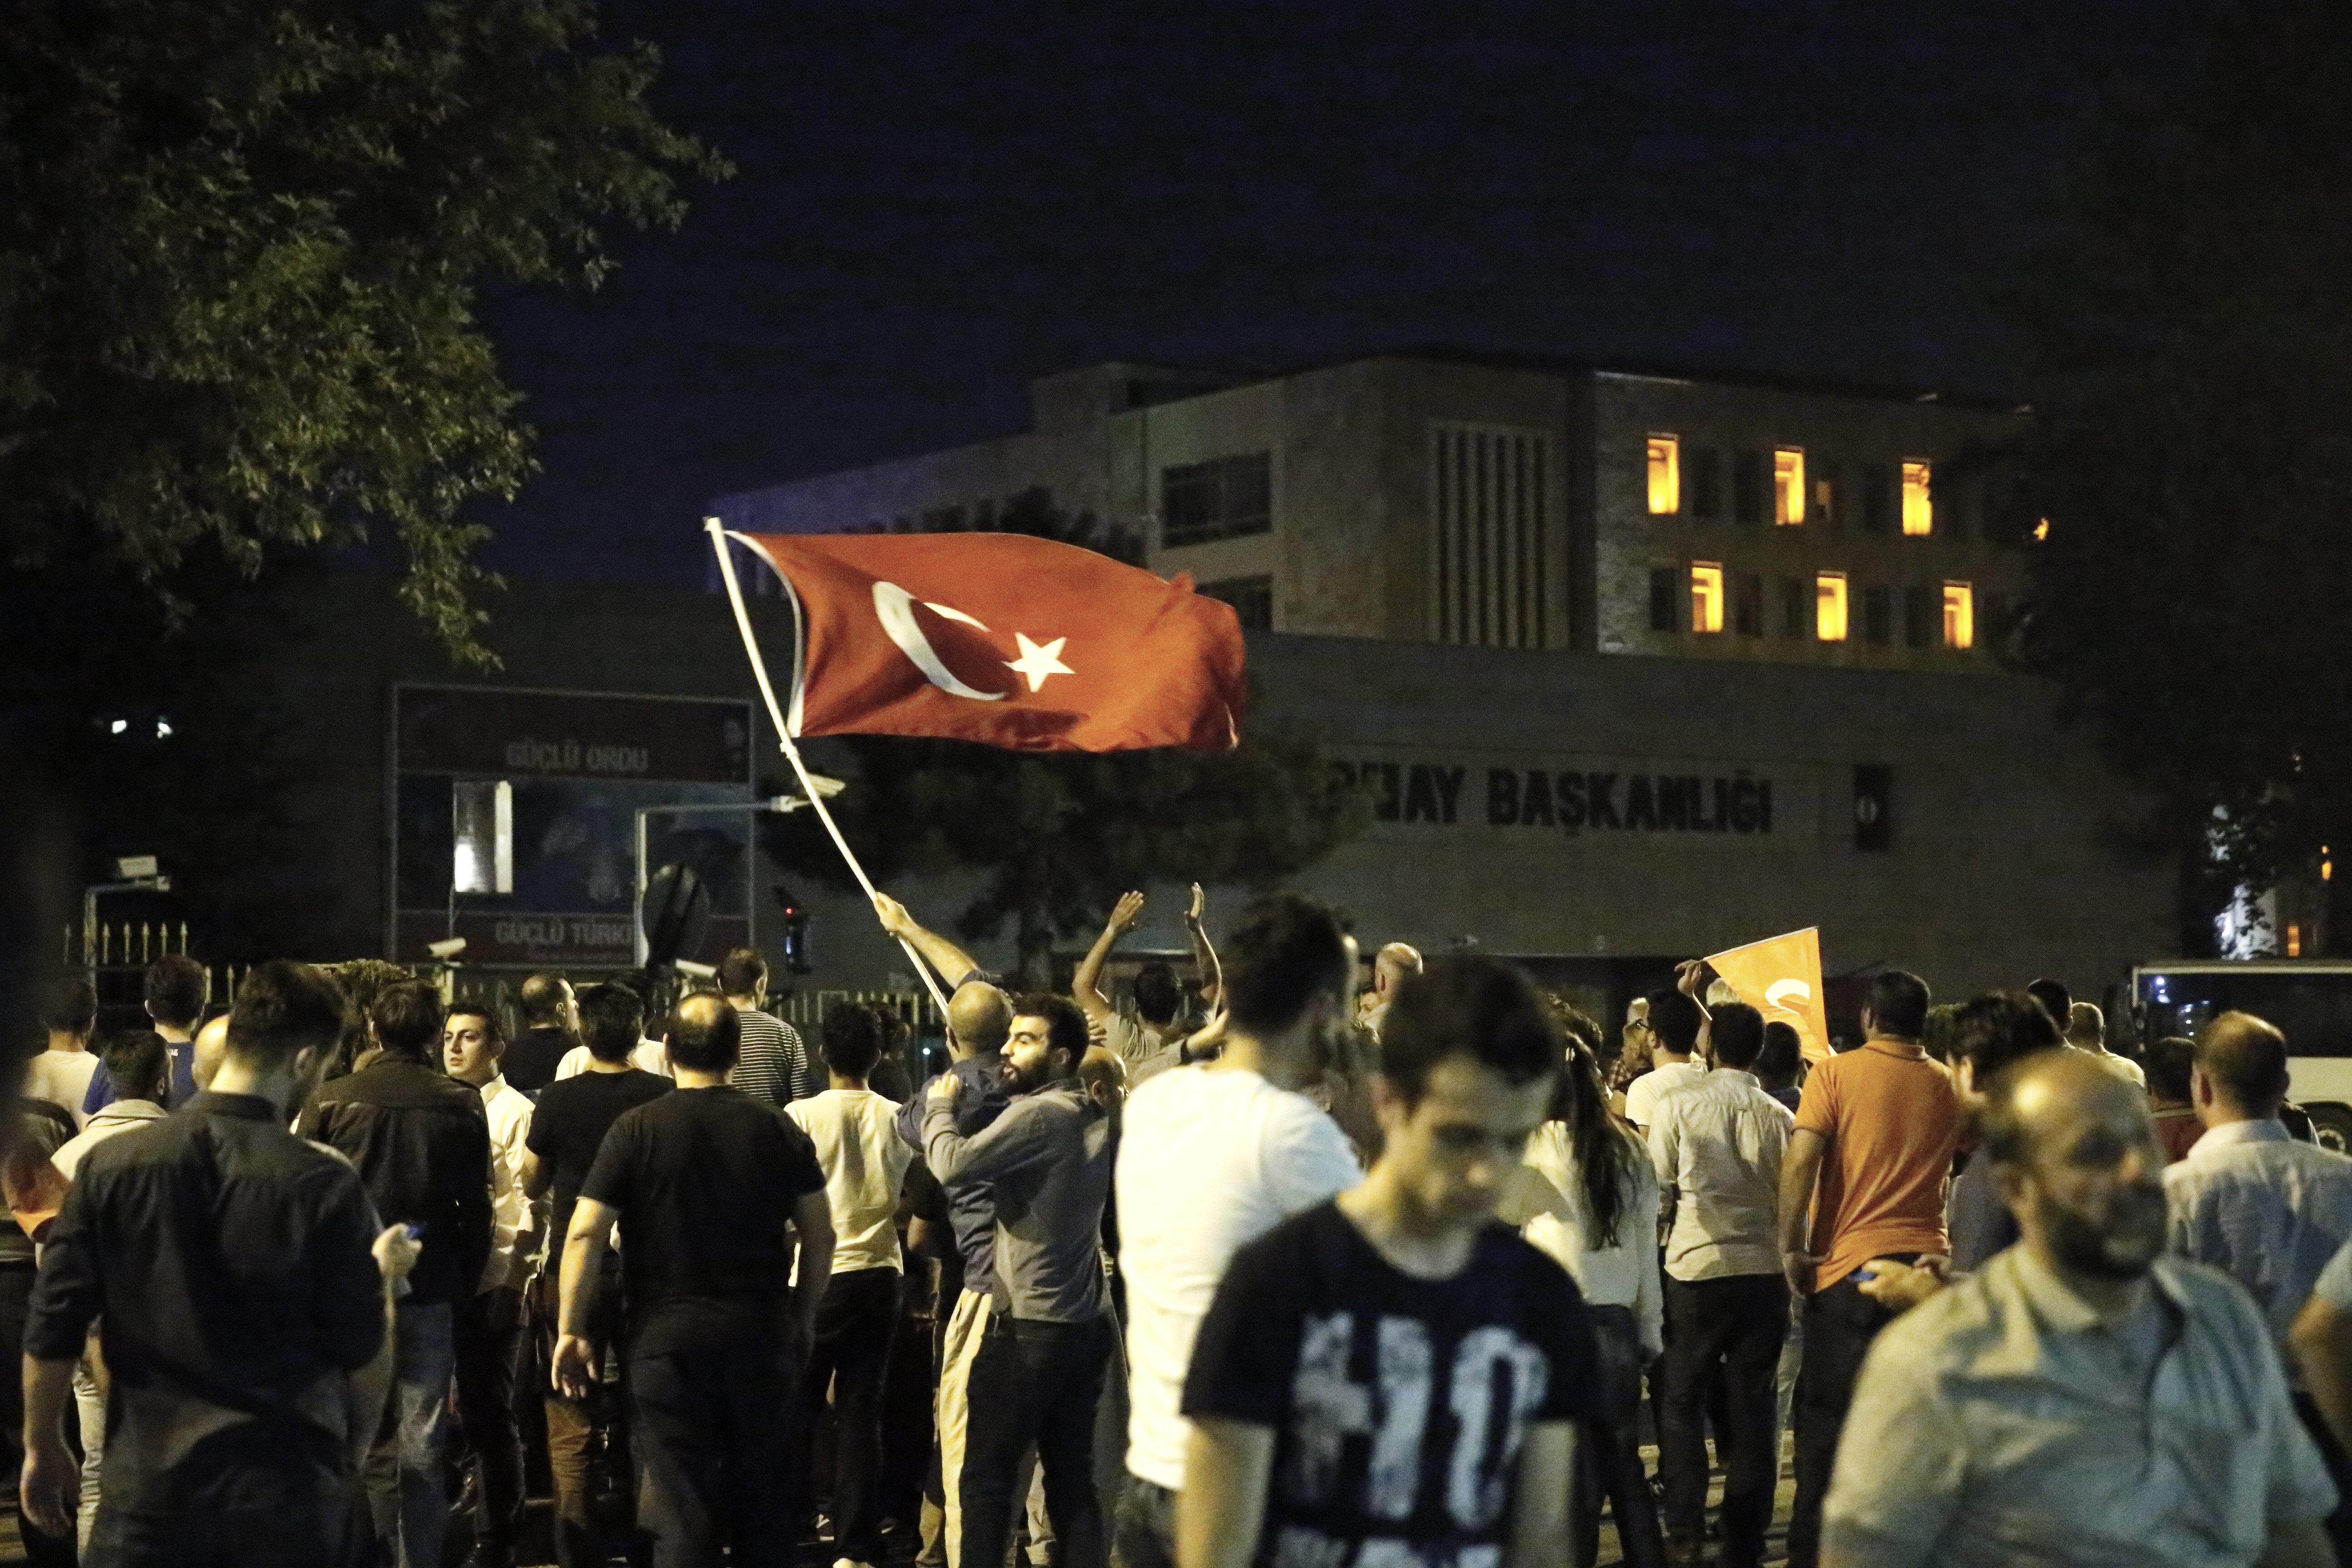 Bir süre sonra vatandaşlar Genelkurmay Başkanlığı'nın ana kapısını açarak karargâha girdi ve kendilerine ateş açan darbeci askerleri aradı.